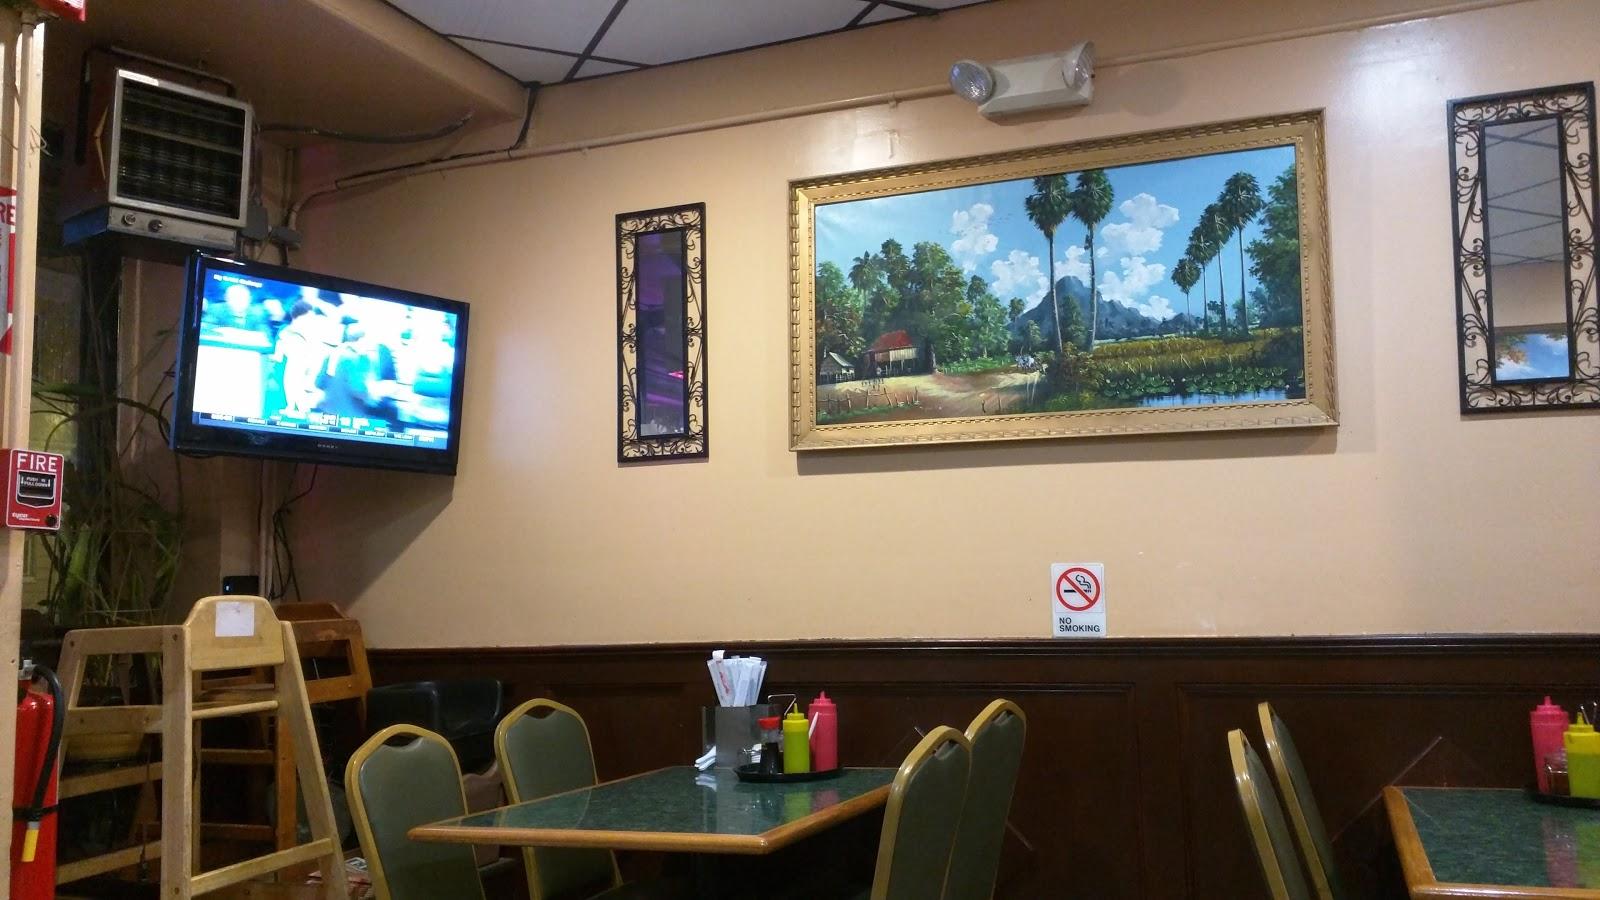 新英格蘭的高棉風味:波士頓的柬埔寨美食與移民史